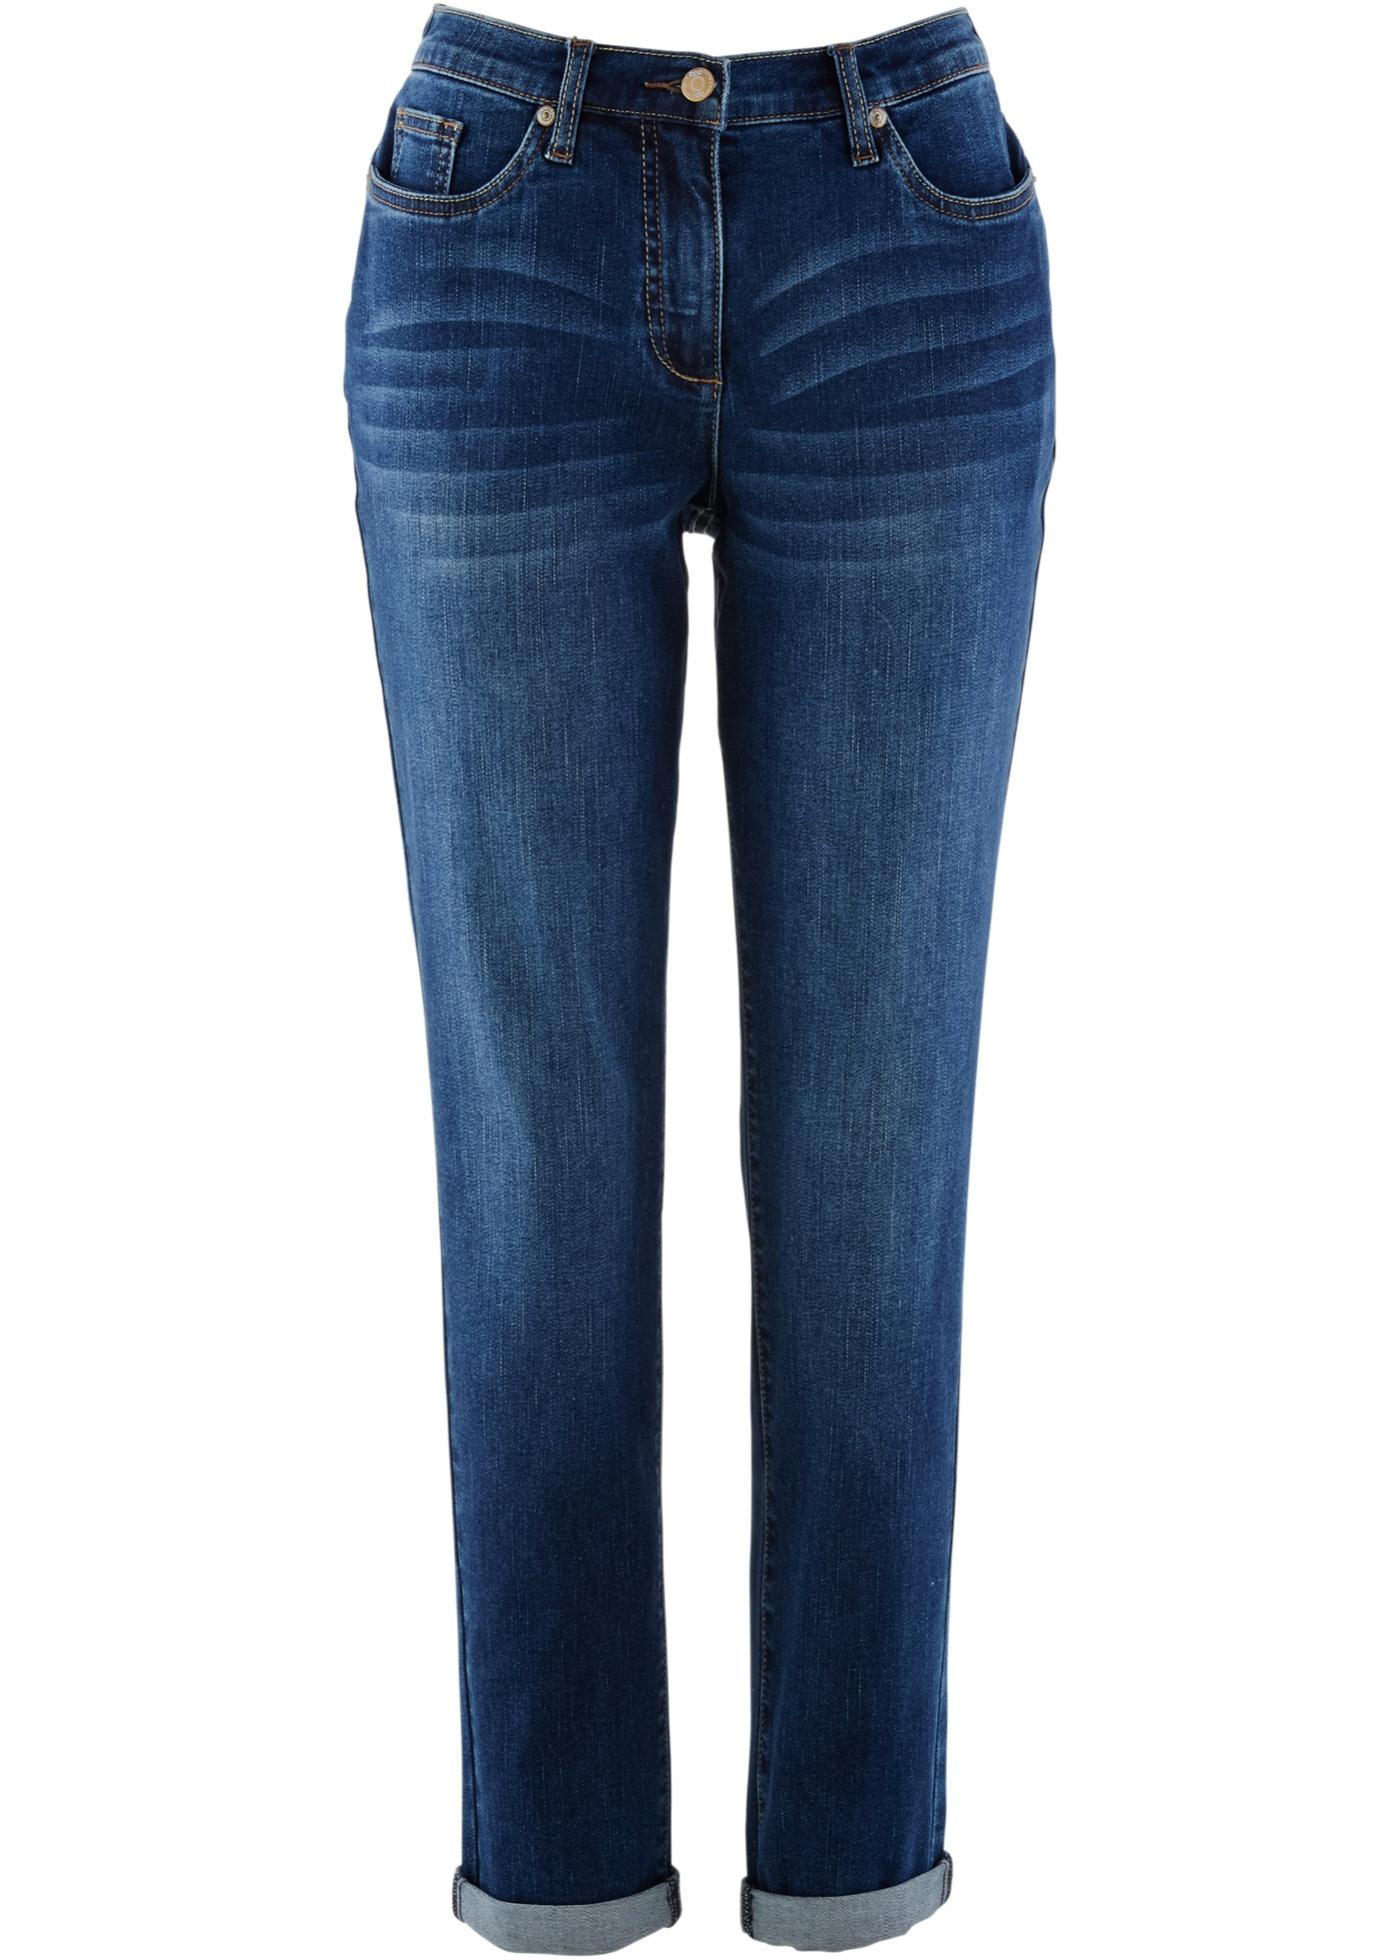 Femme Bleu Bonprix Pour Avec Boyfriend Bpc CollectionJean Taille Extensible Confortable eI2EDWH9Y